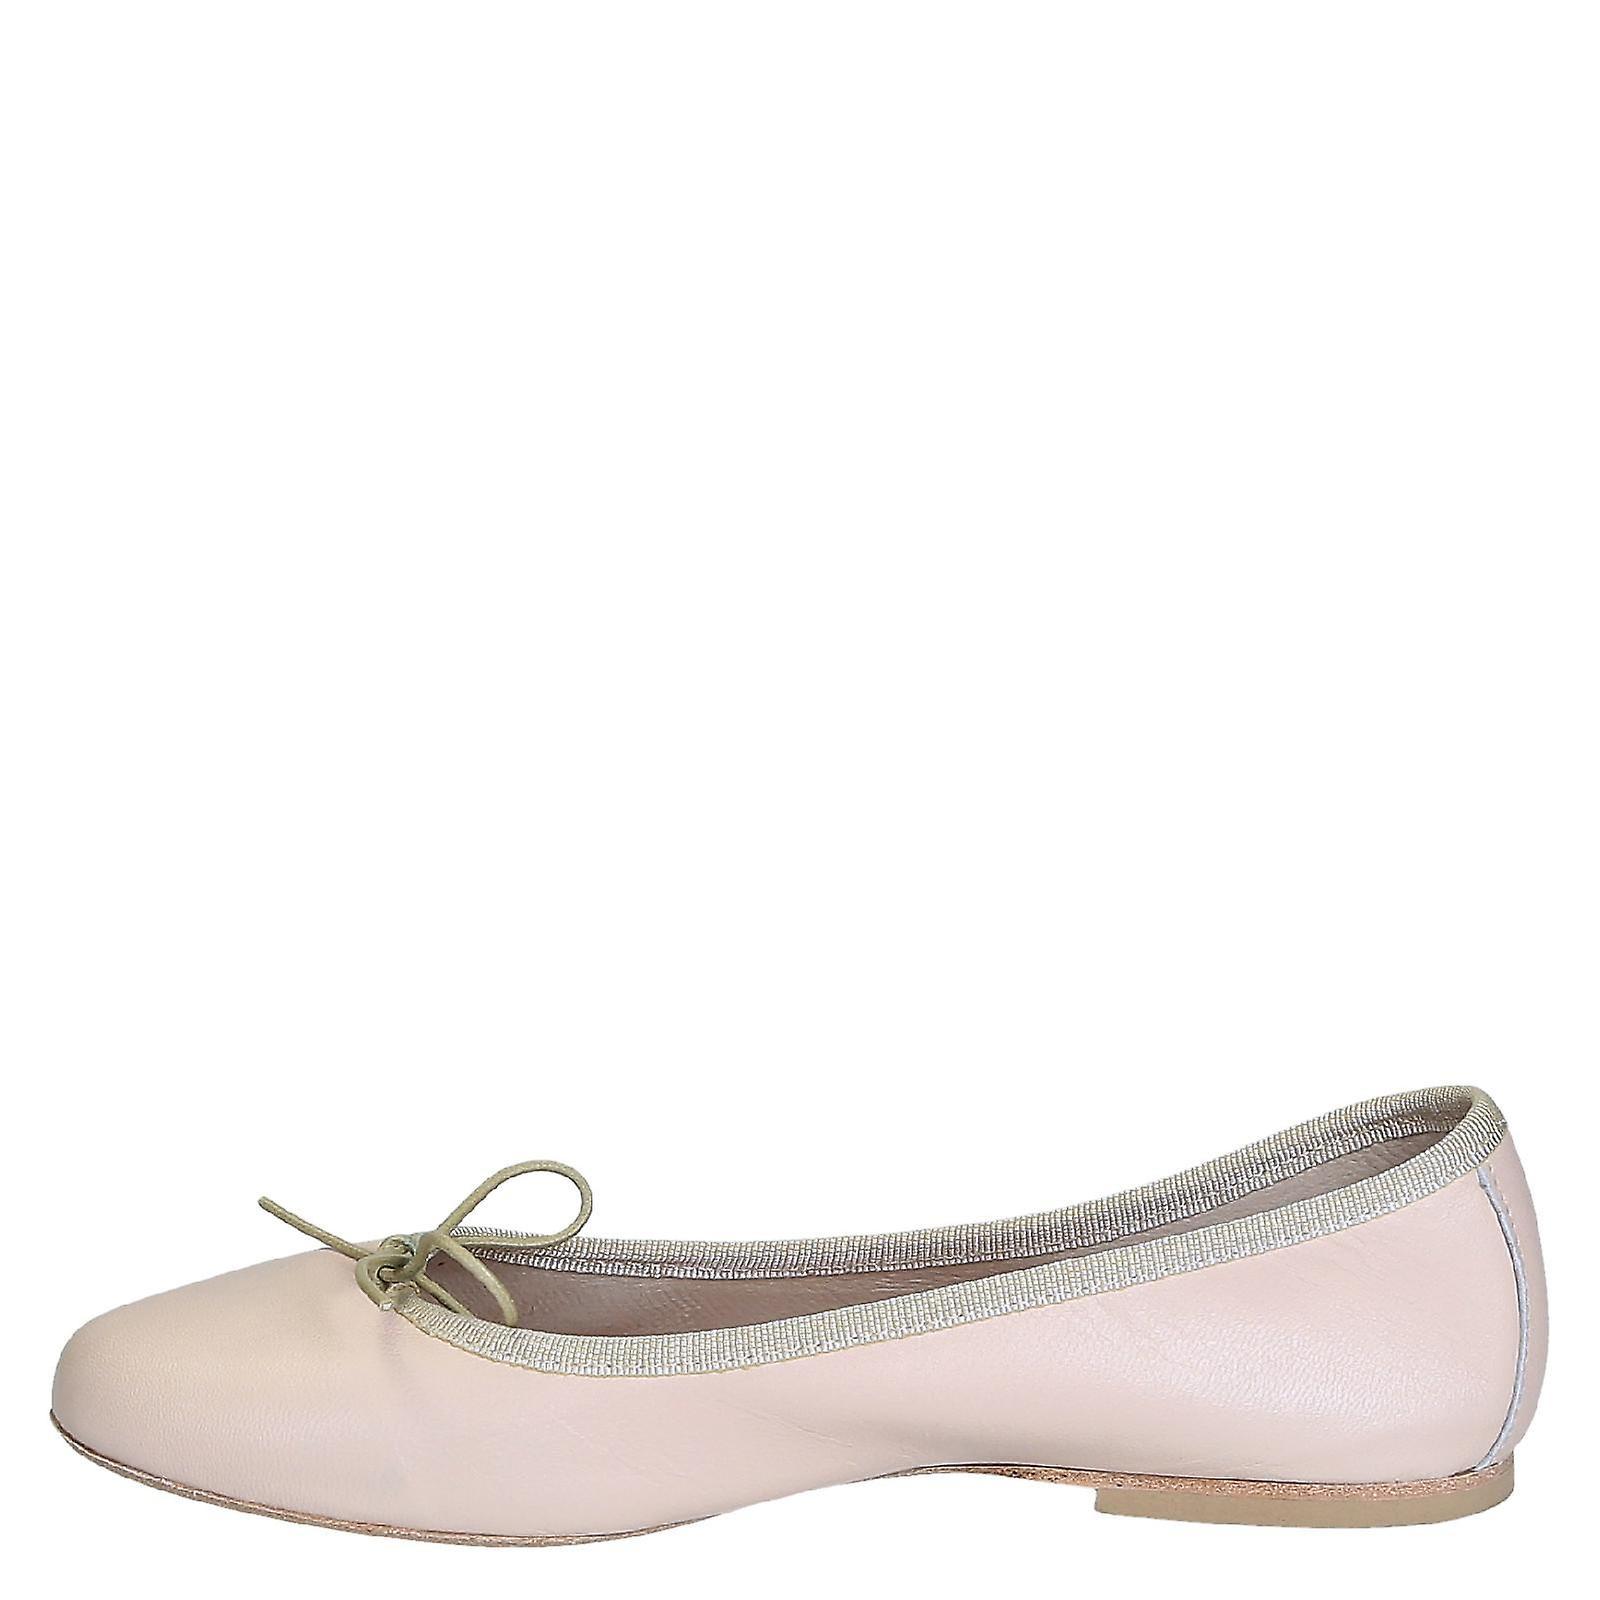 Handmade light pink soft leather ballet flats ballerina shoes